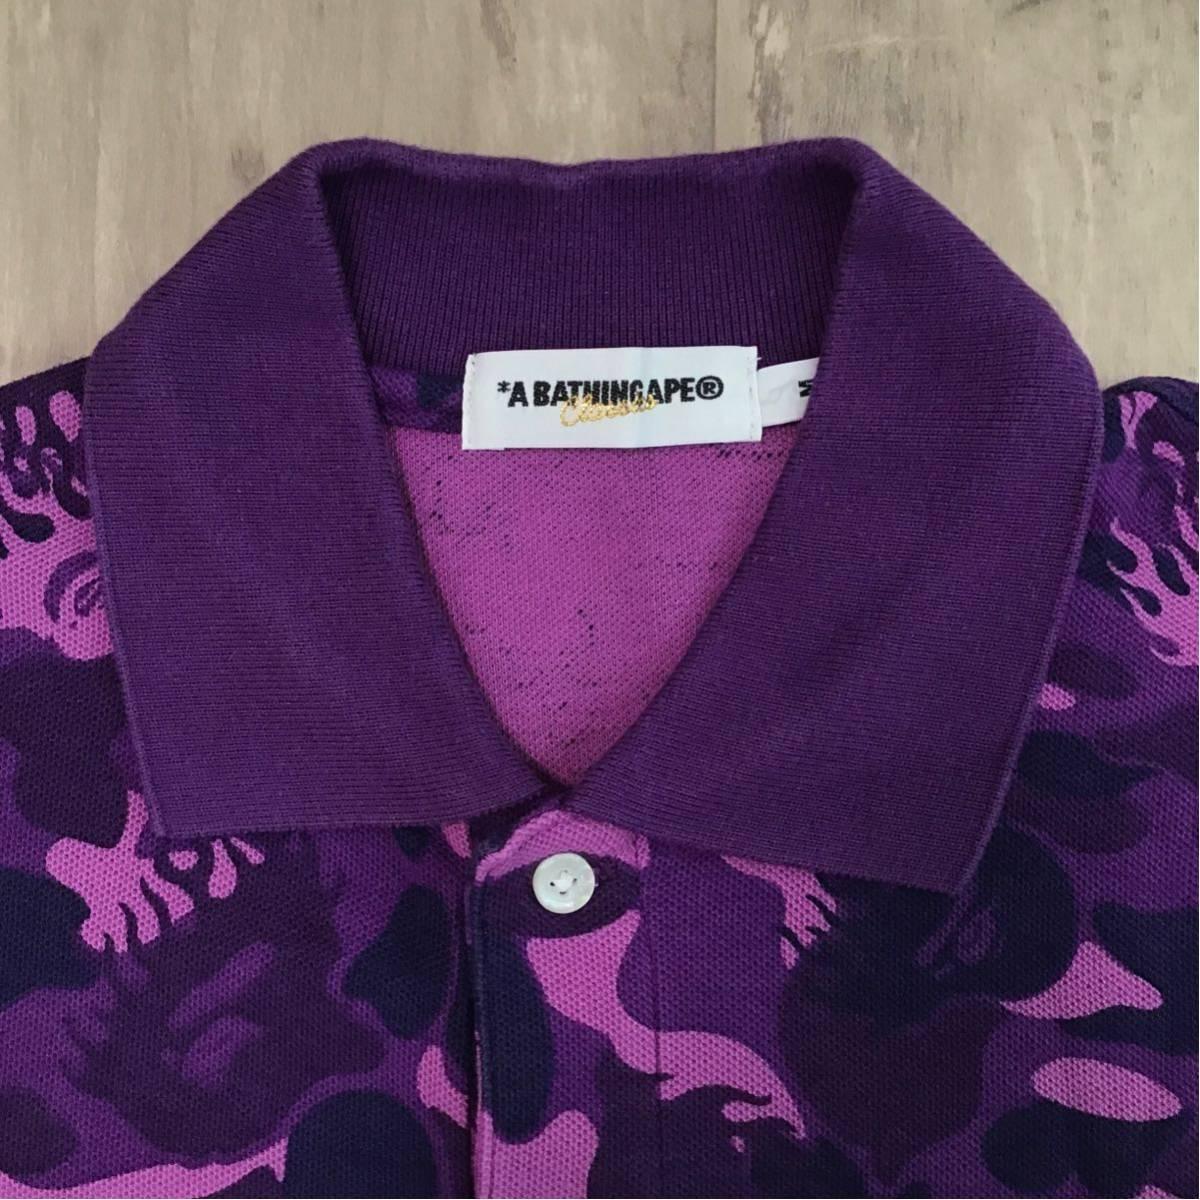 ★激レア★ fire camo ポロシャツ Mサイズ a bathing ape bape エイプ ベイプ アベイシングエイプ ファイヤーカモ 迷彩 flame purple tj81